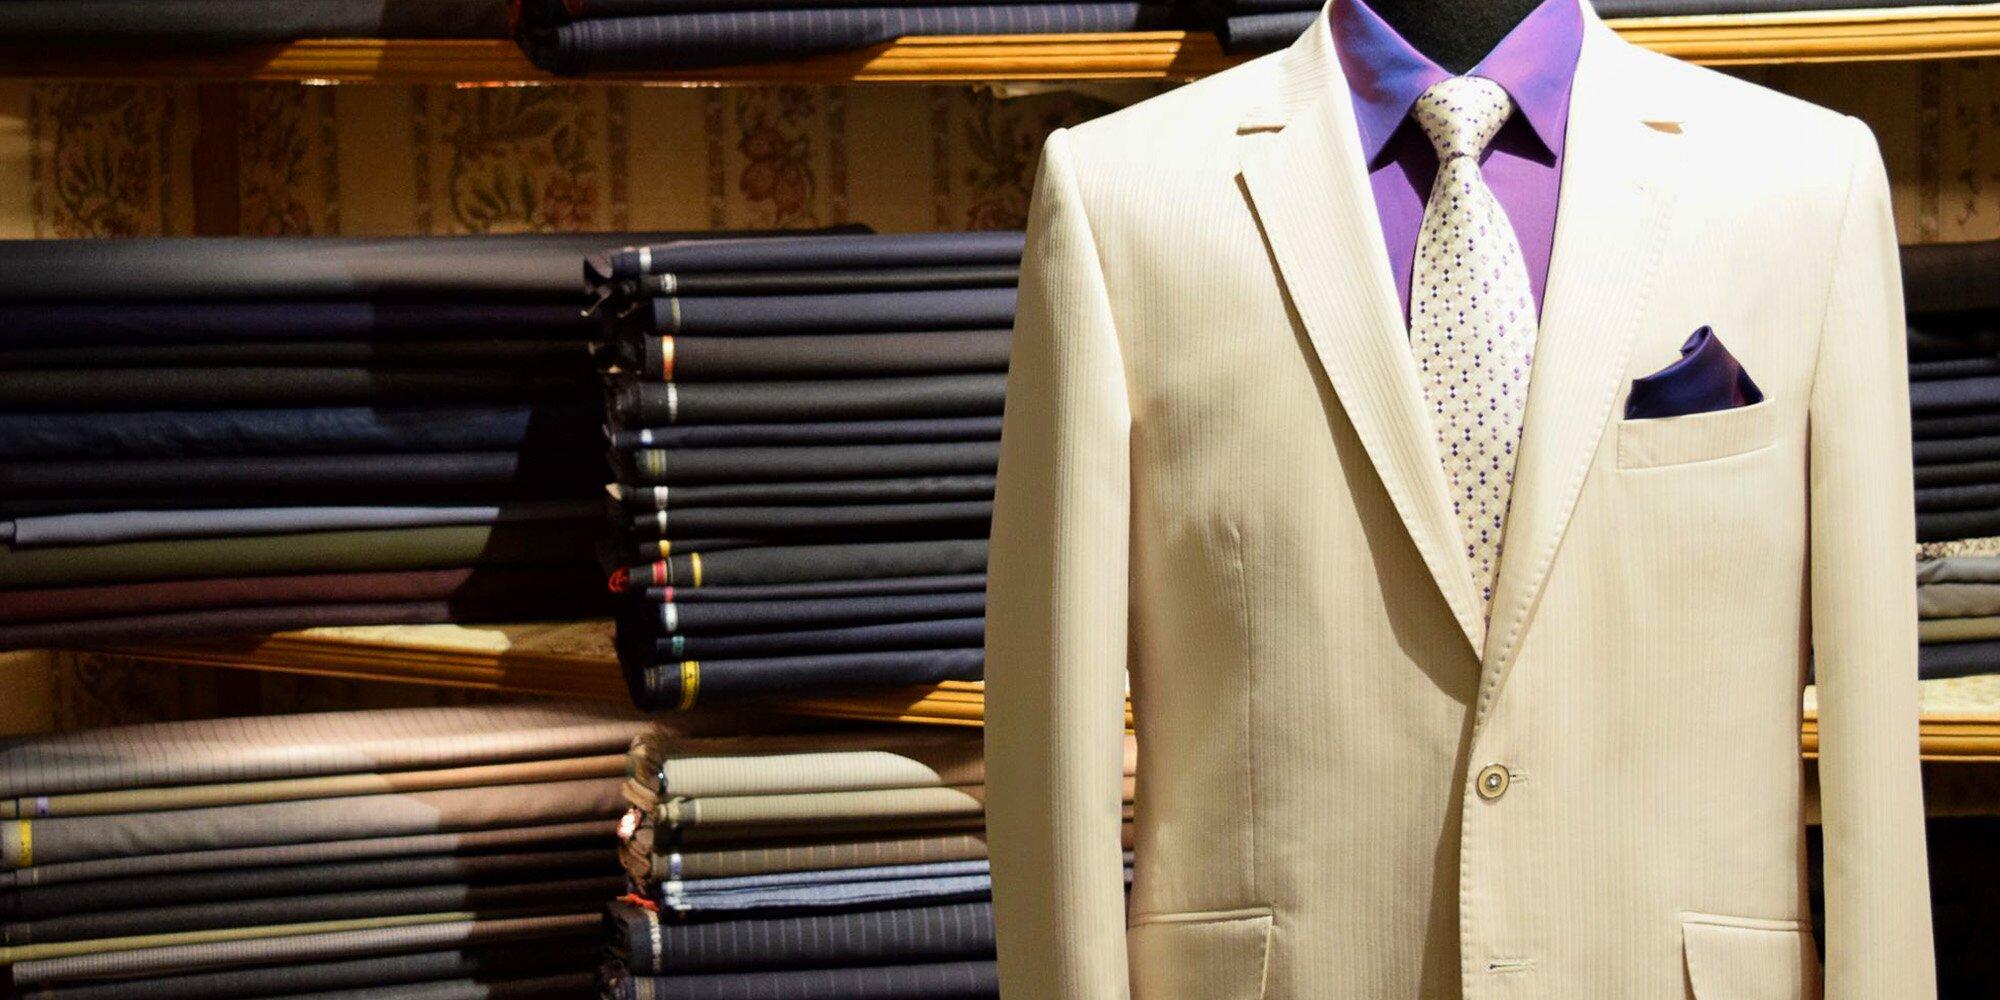 bc7944ced9c1 Záloha na prvotřídní ručně šitý pánský oblek